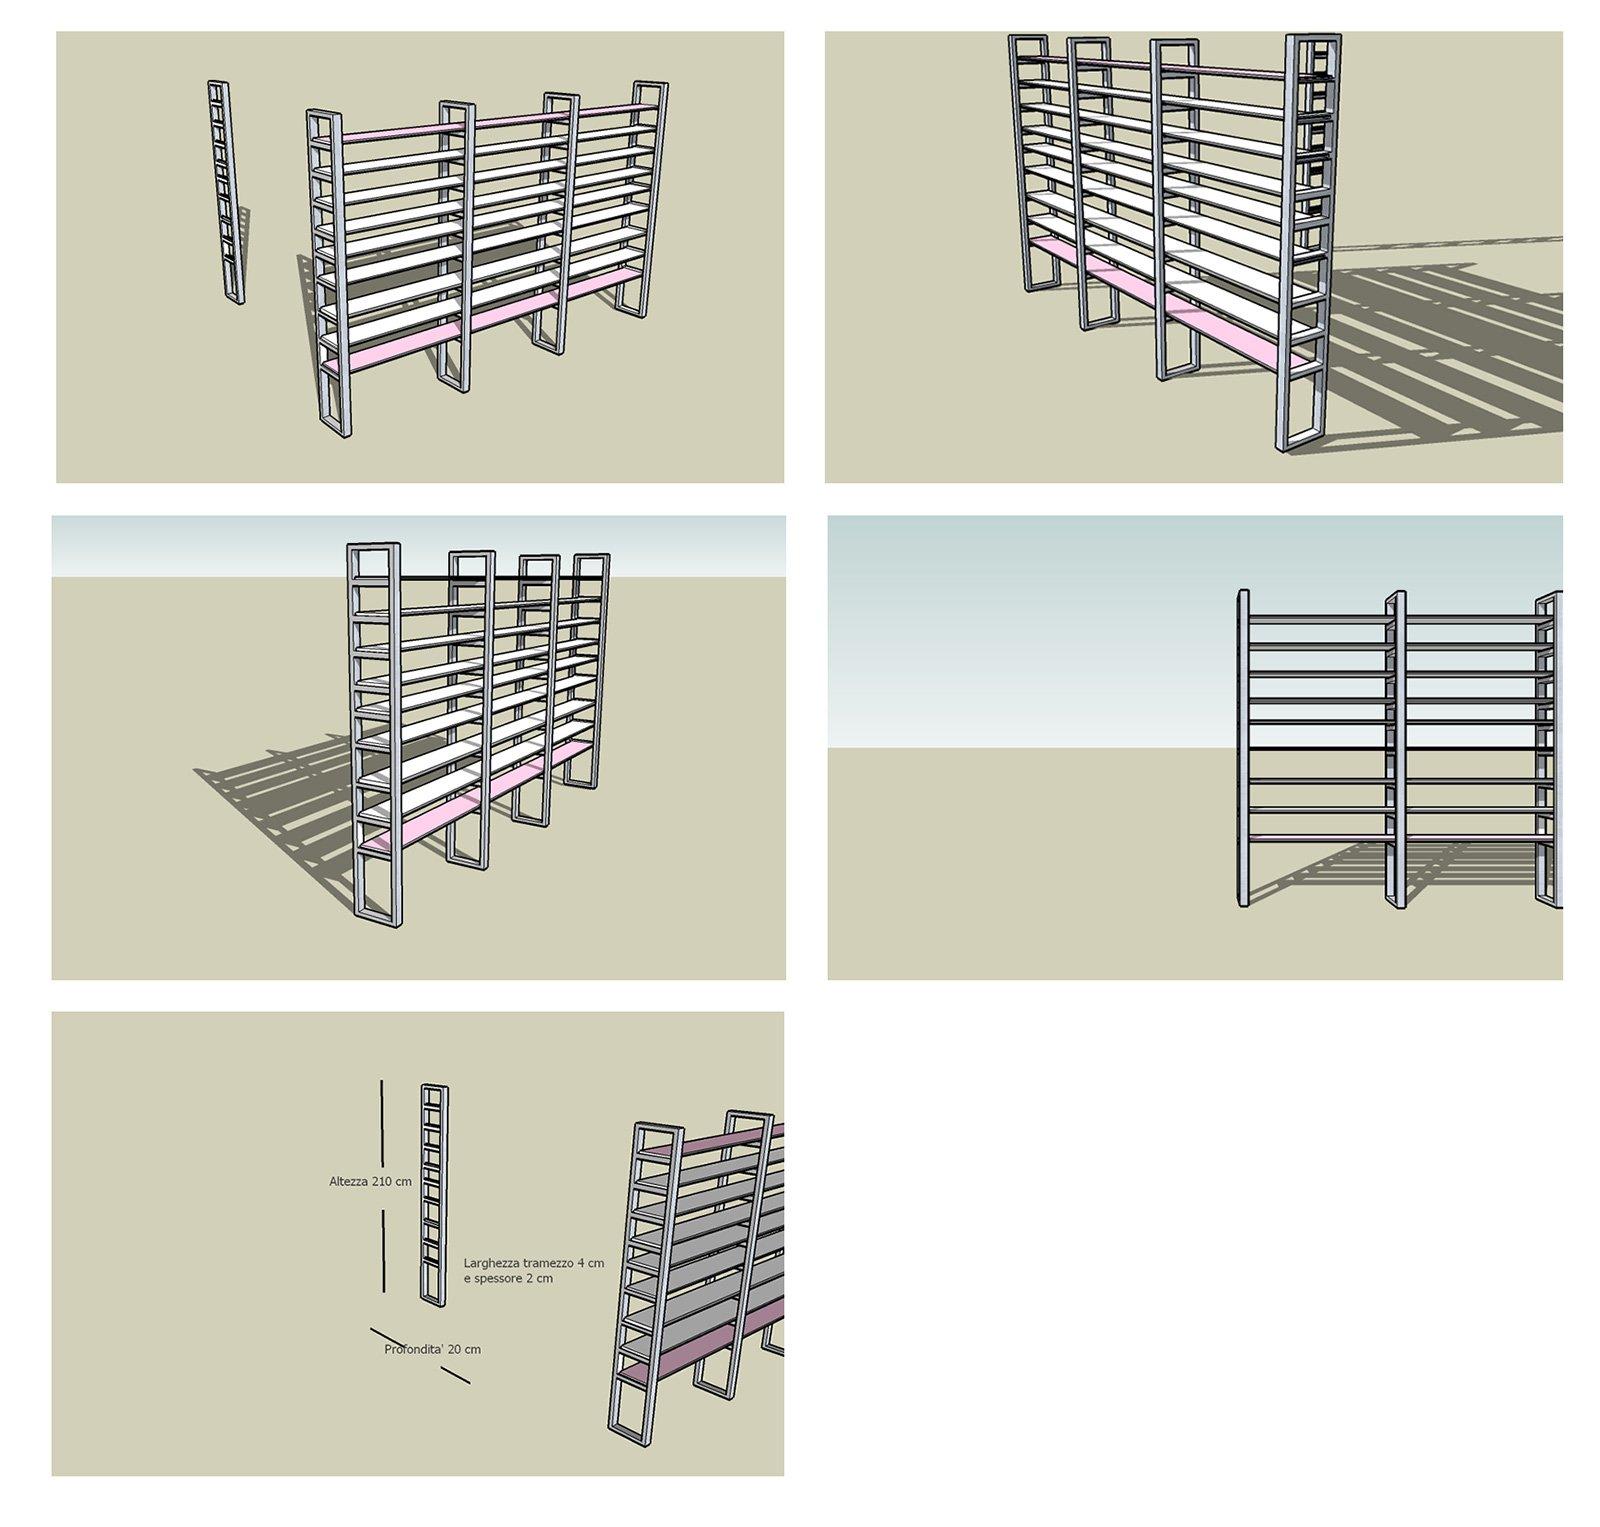 La videoteca libreria in ferro zincato e legno cose di casa - Progetto casa fai da te ...